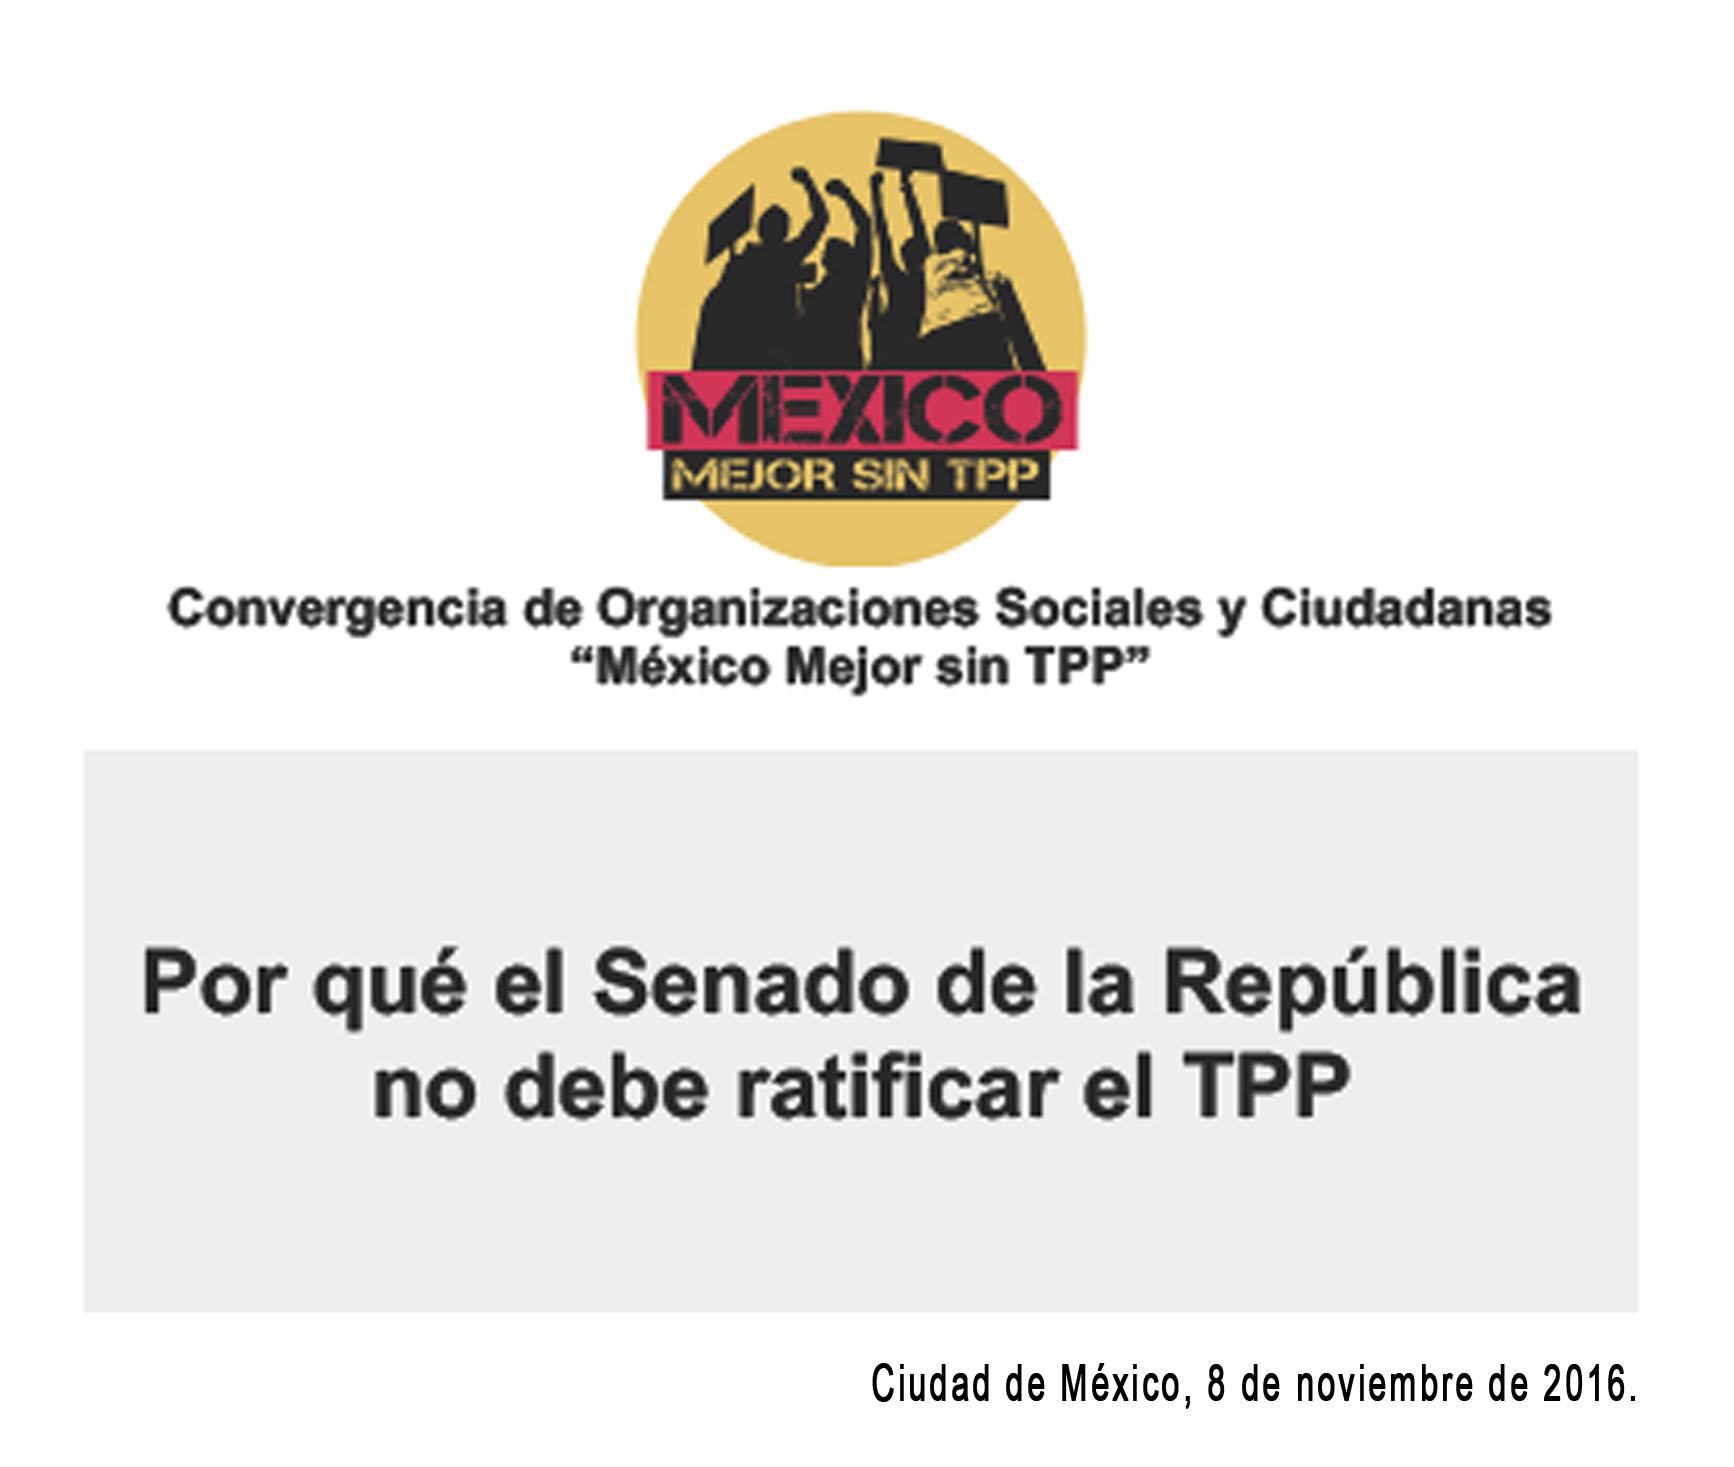 imagen-web1-por-que-el-senado-no-debe-ratificar-el-tpp